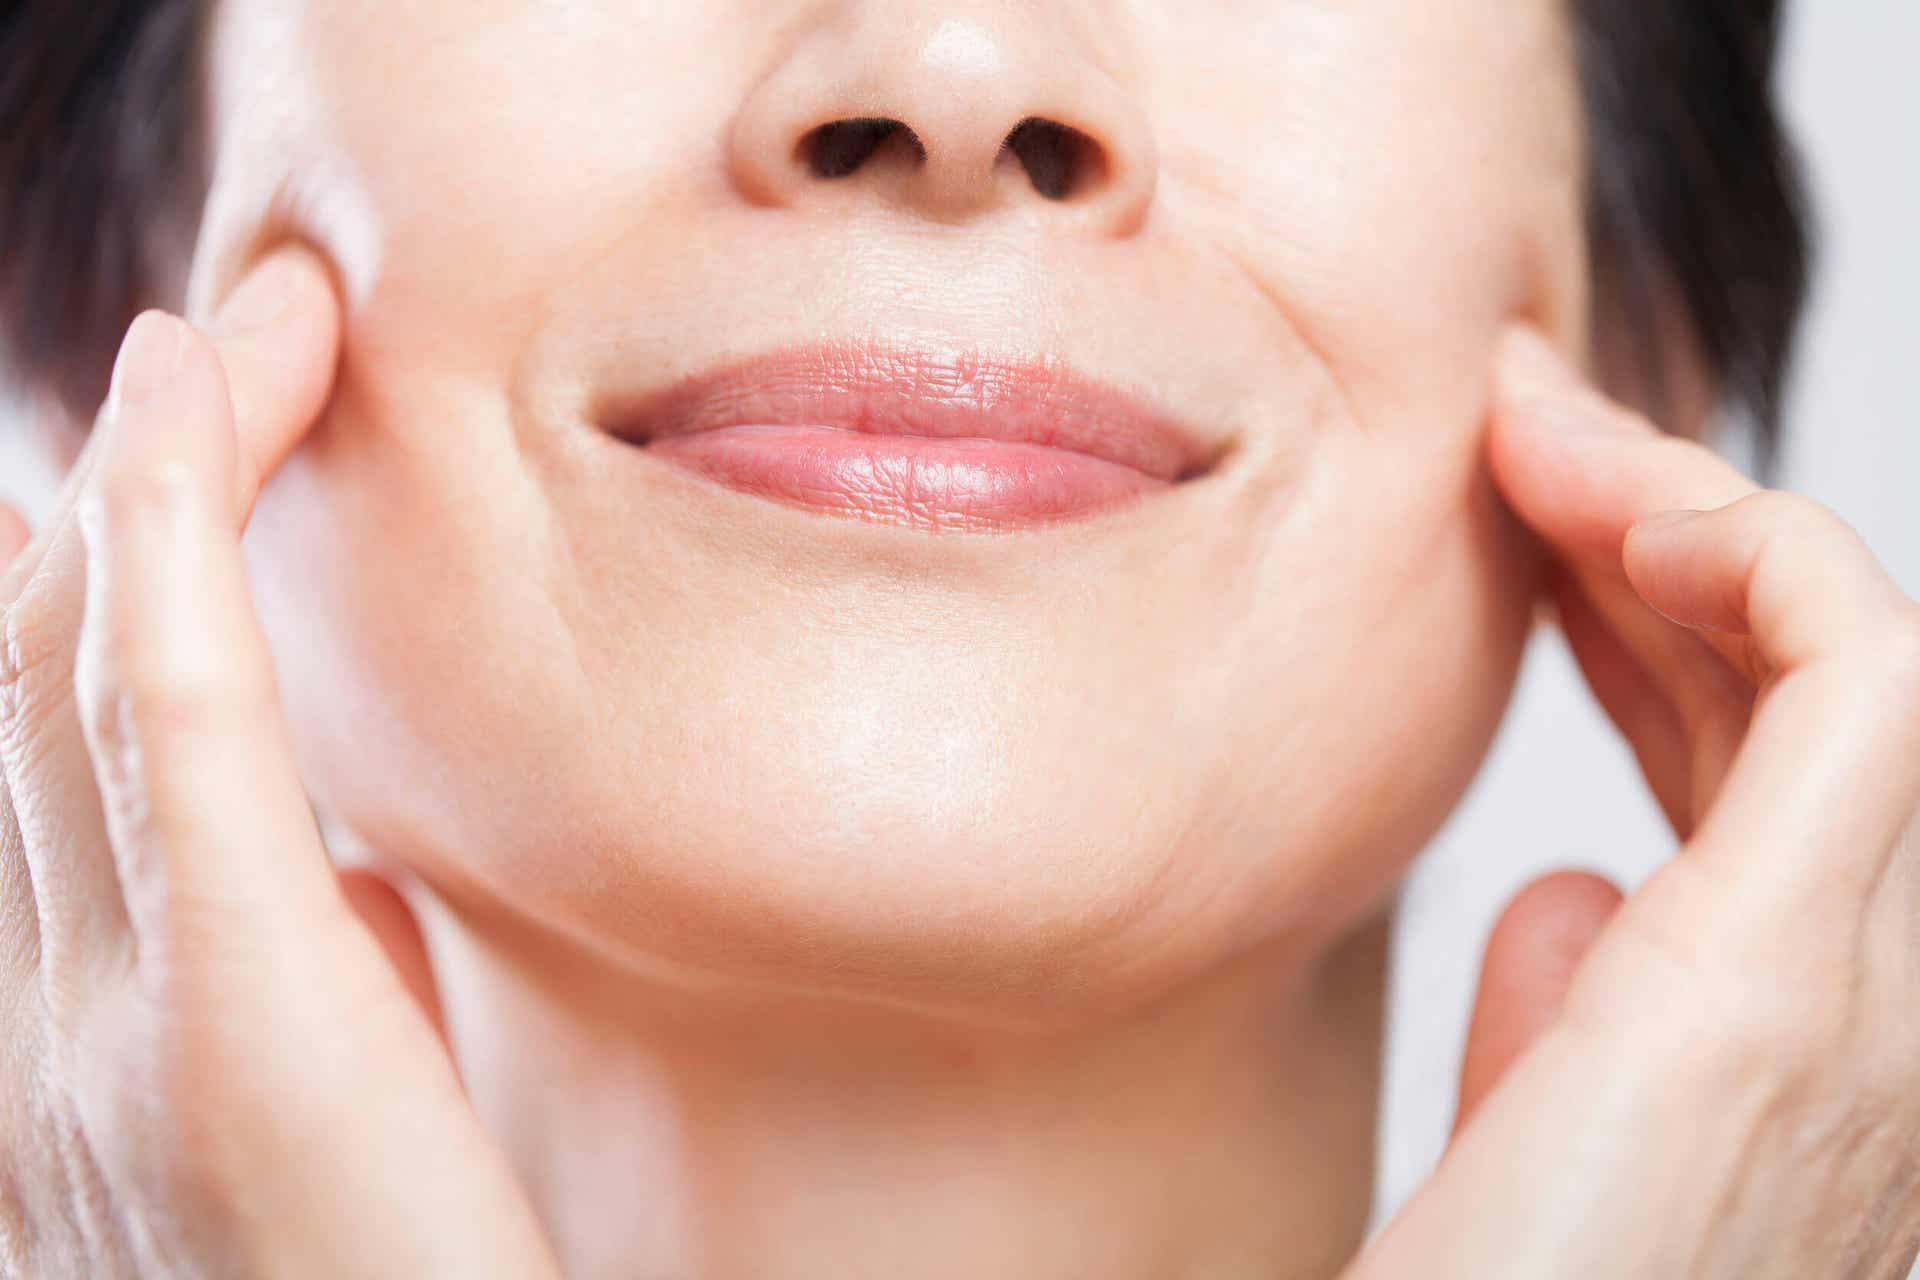 Los beneficios de dejar de fumar incluyen mejorar la apariencia de la piel